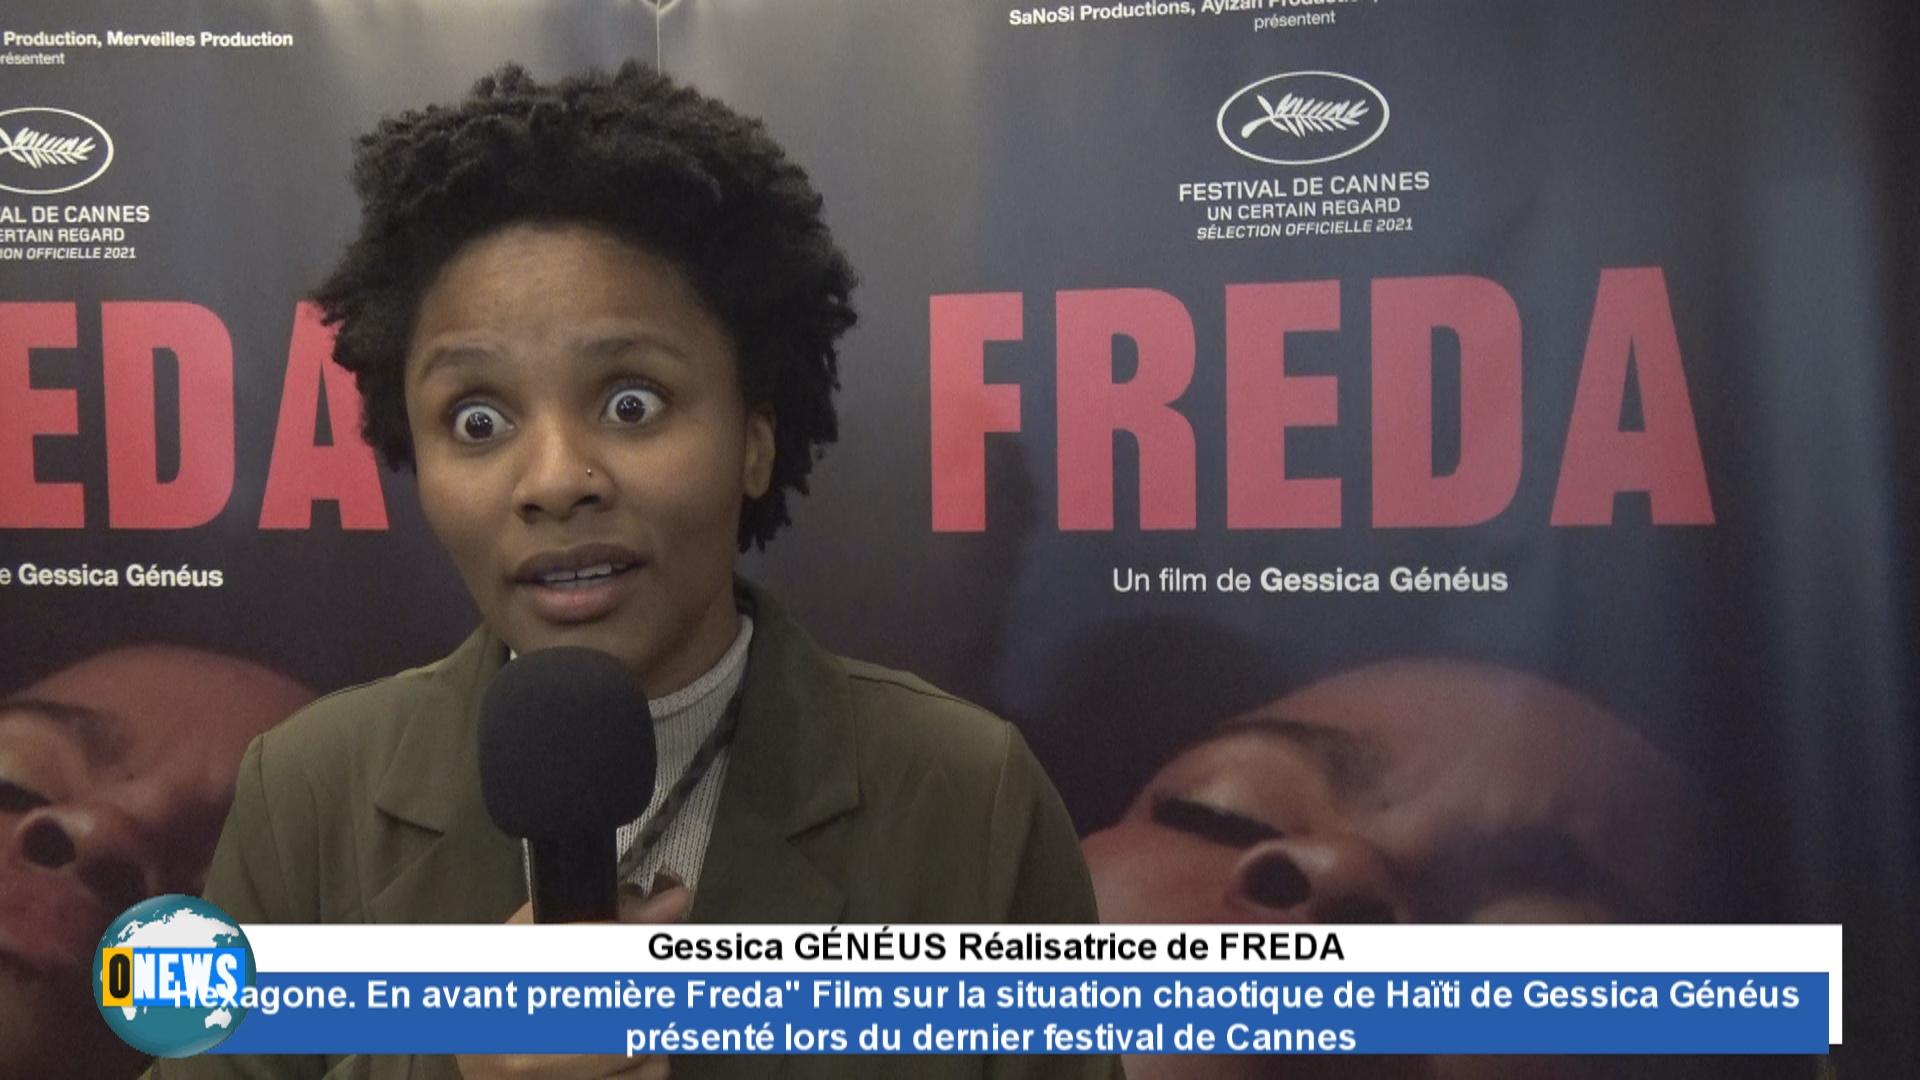 [Vidéo] Hexagone. En avant première Freda pour la presse Film sur la situation chaotique de Haïti de Gessica  GÉNÉUS en salles le 13 octobre. Ce flim a été présenté lors du dernier festival de Cannes.